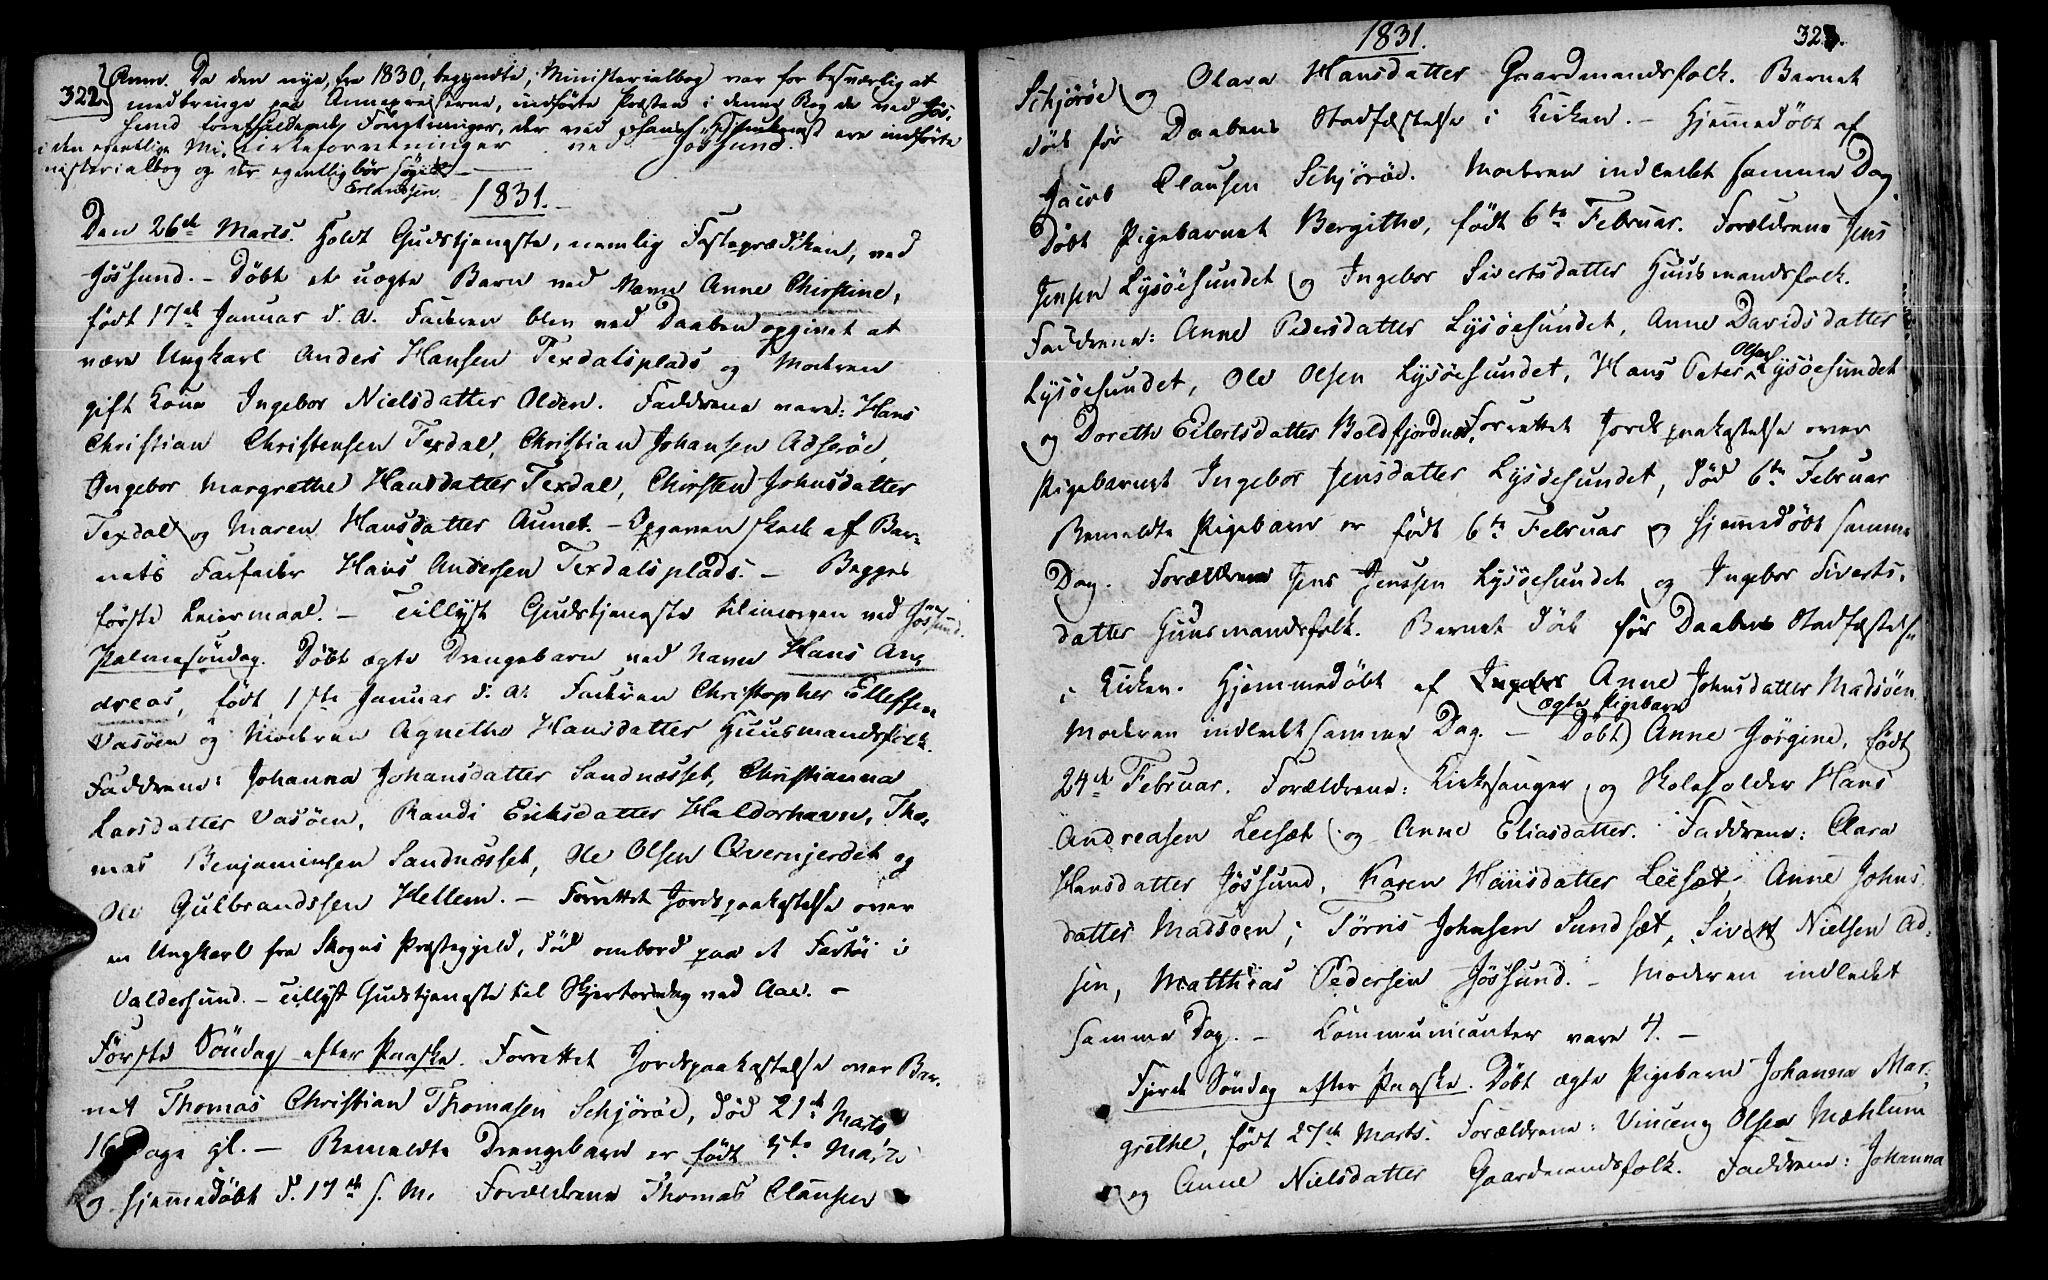 SAT, Ministerialprotokoller, klokkerbøker og fødselsregistre - Sør-Trøndelag, 655/L0674: Ministerialbok nr. 655A03, 1802-1826, s. 322-323